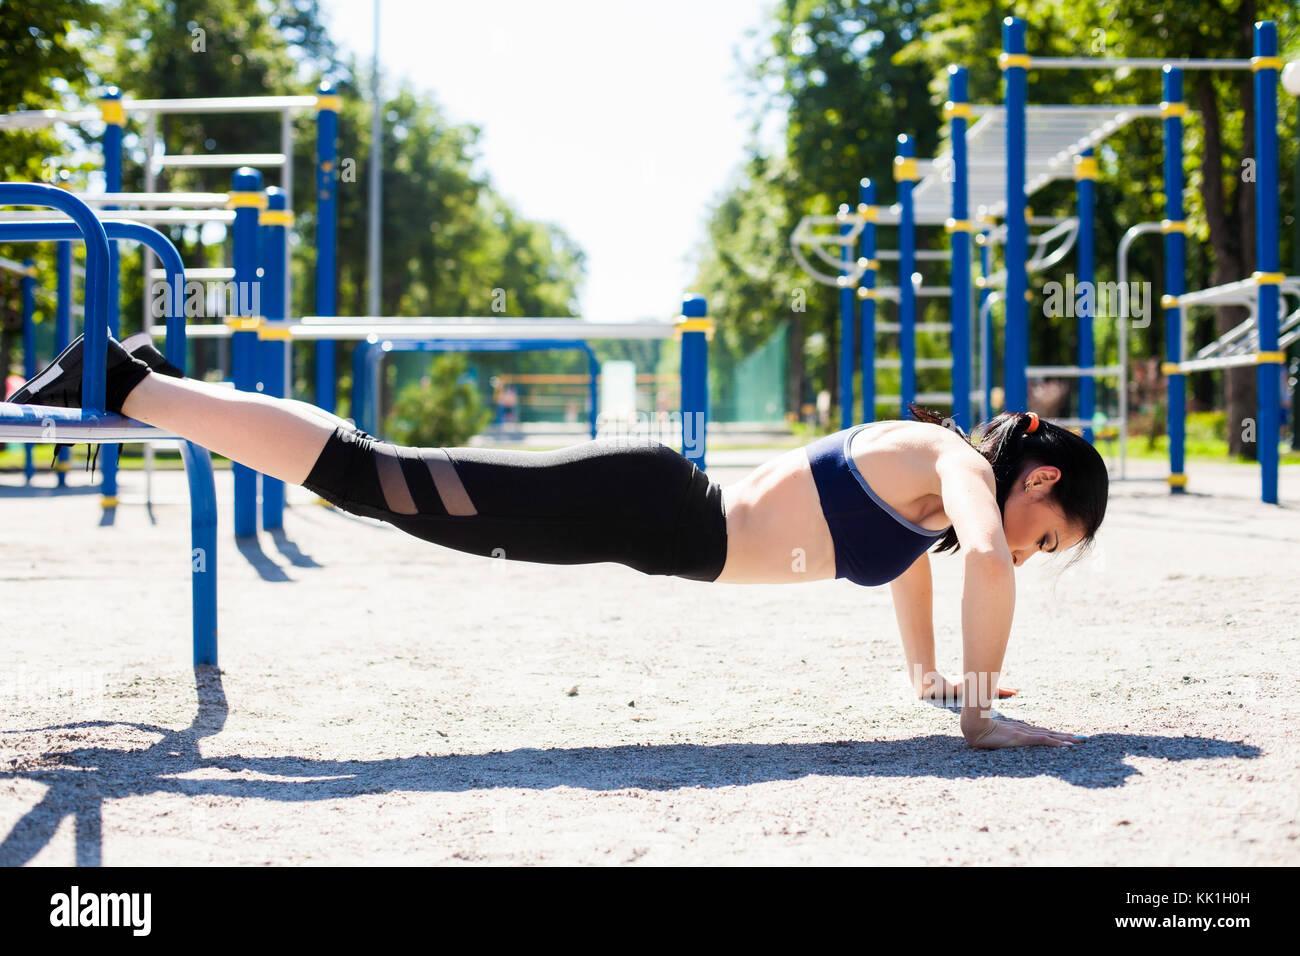 Jeune fille sportive sur le sport jeux pour enfants Photo Stock